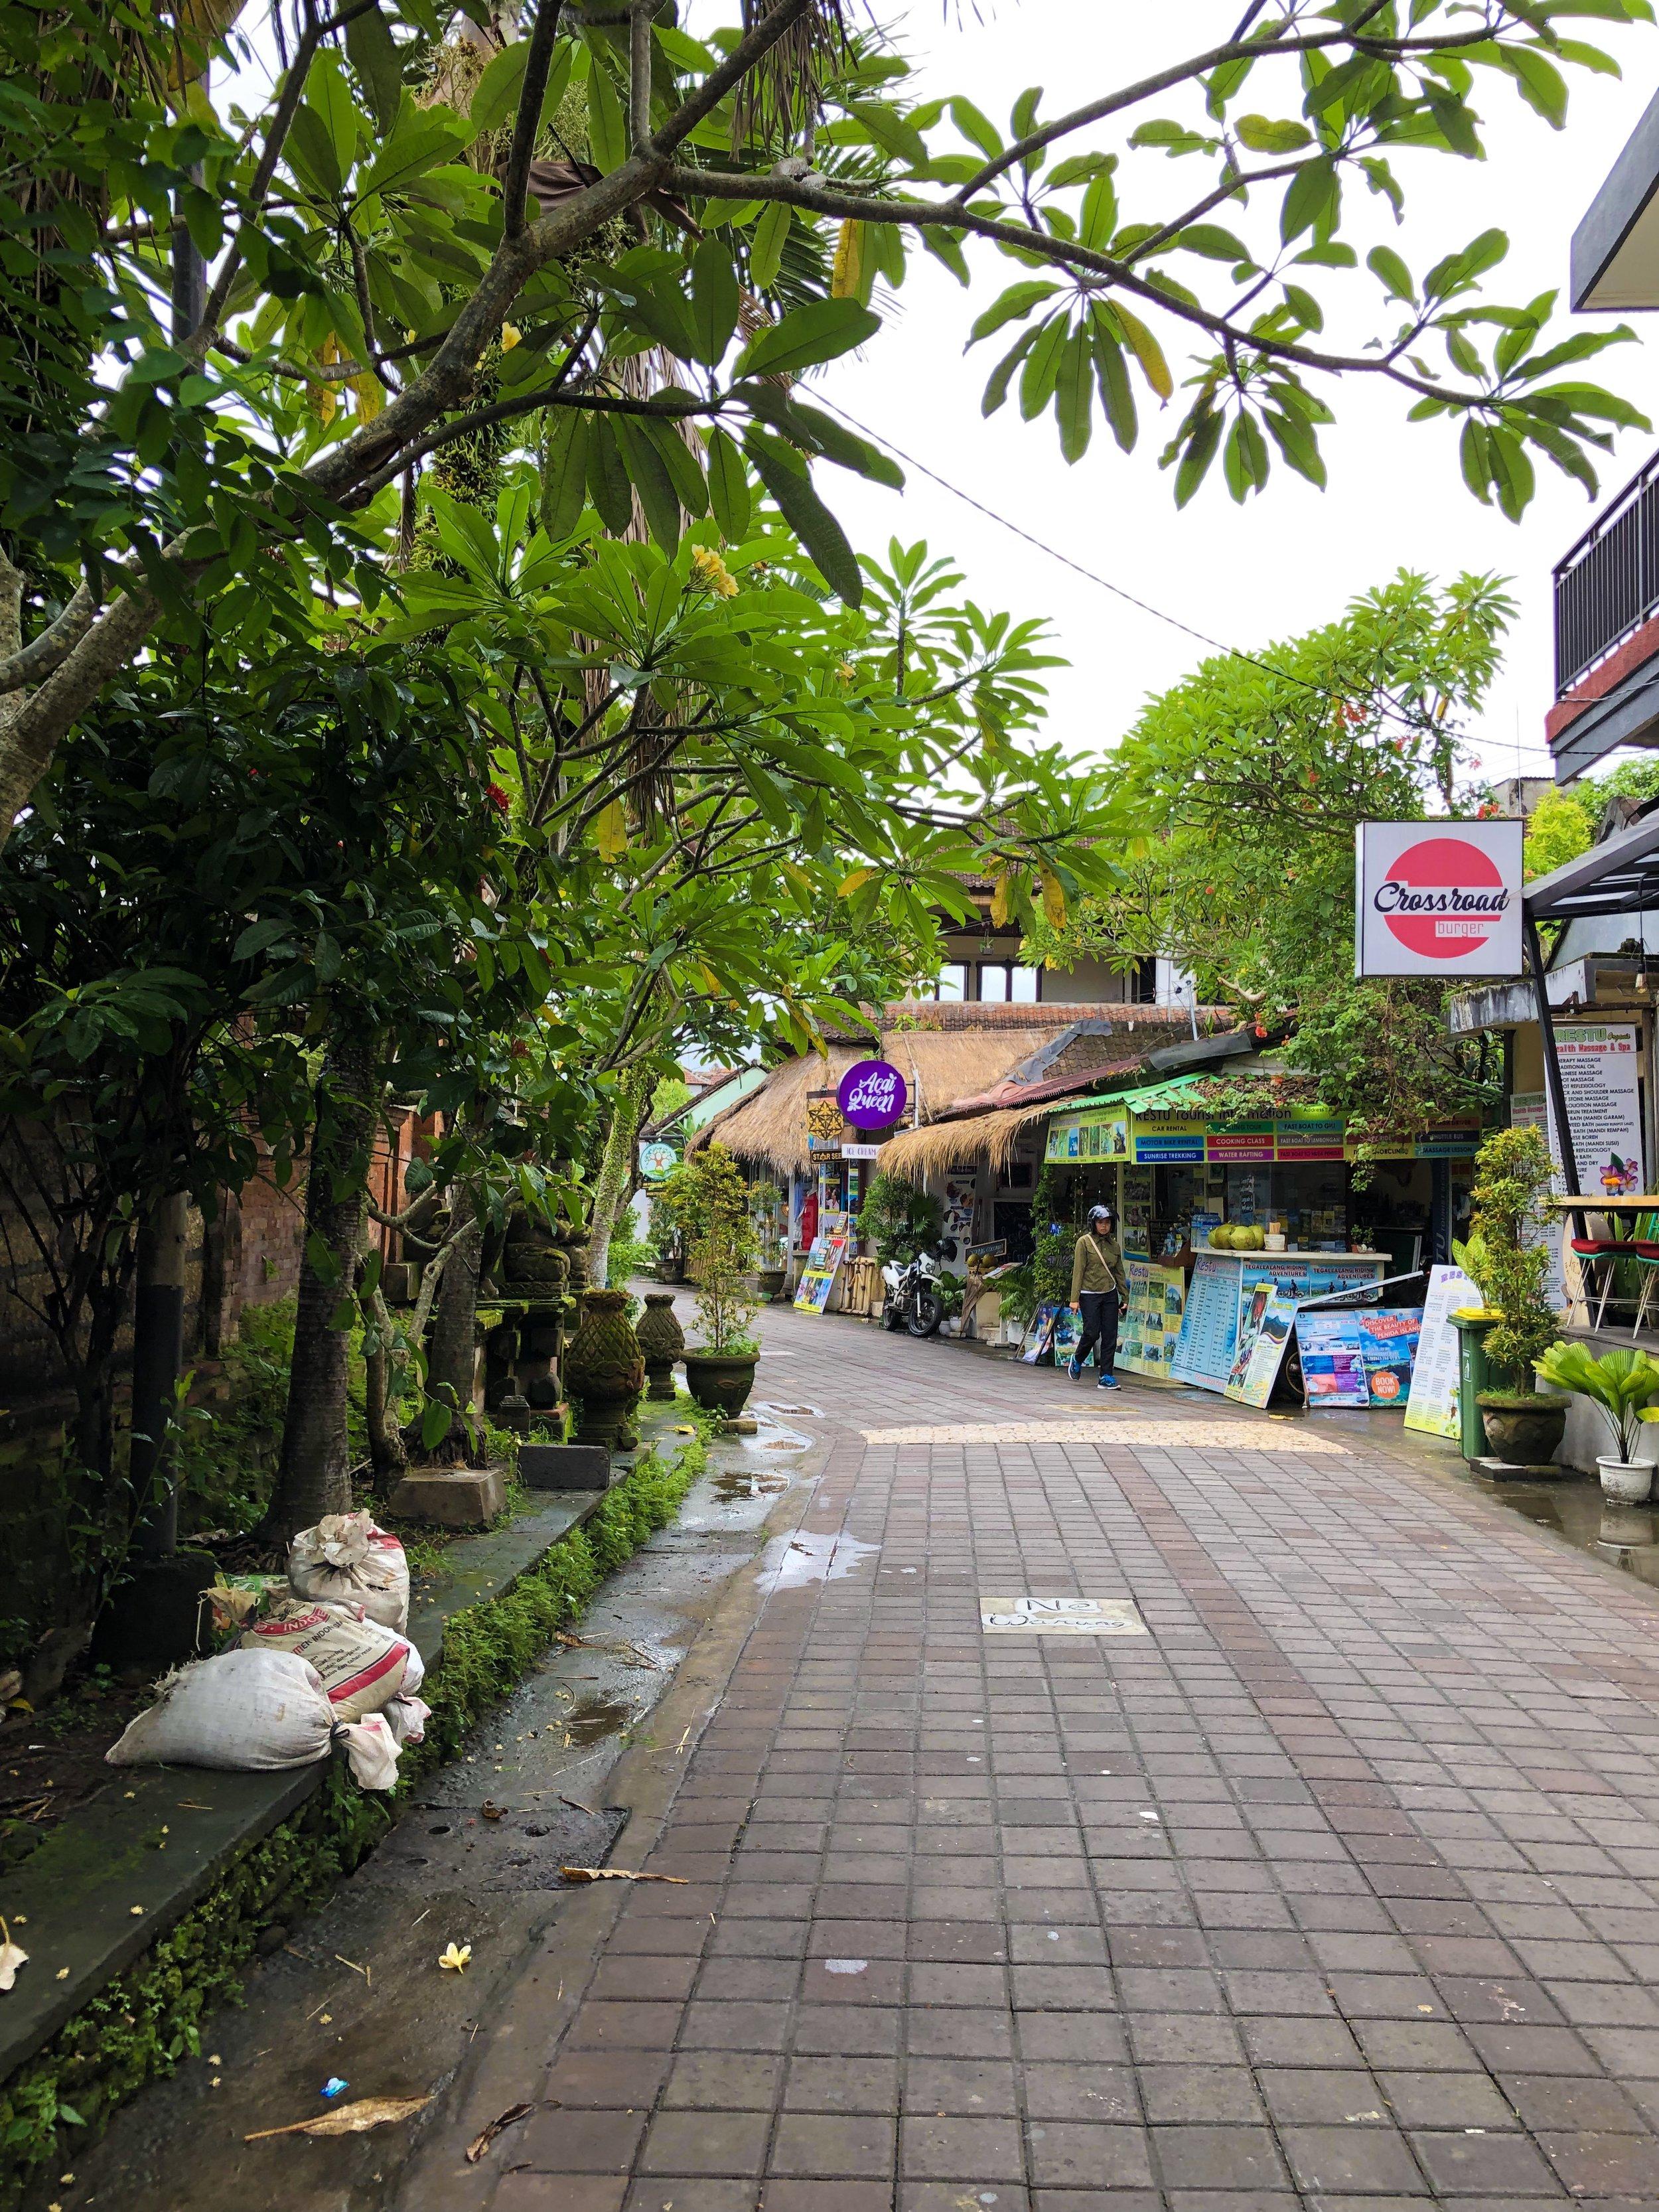 Jl Goutama